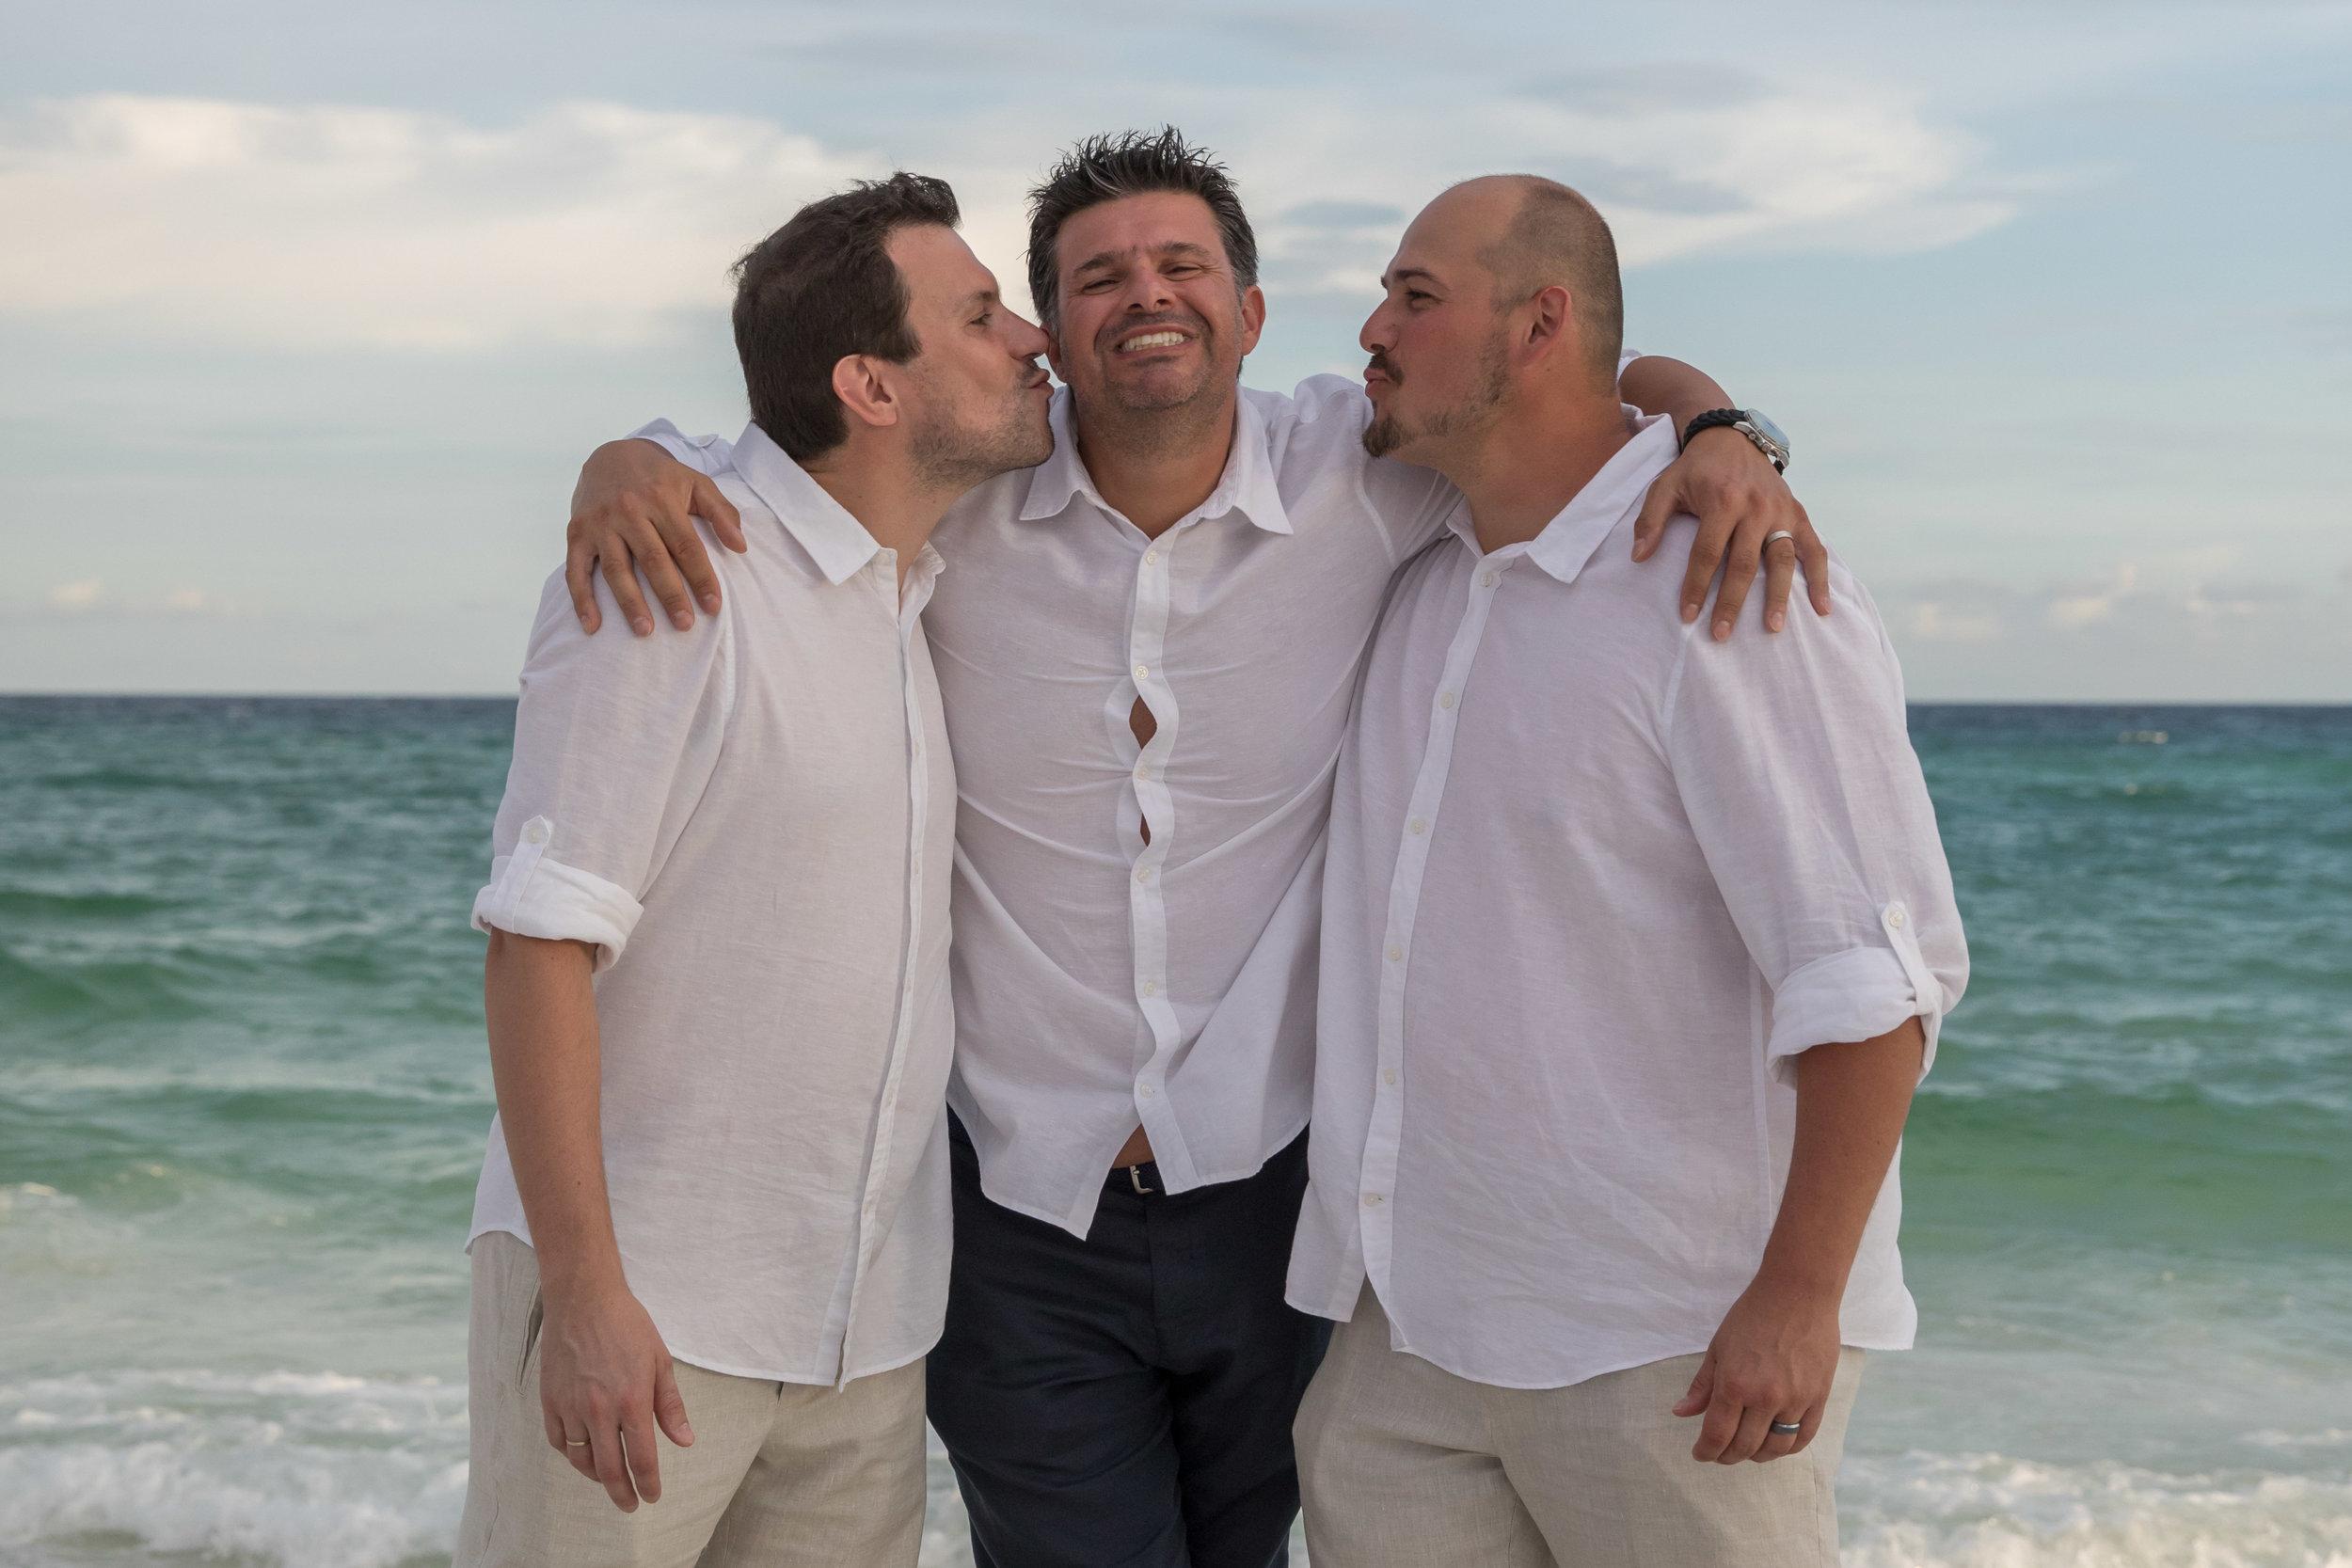 destin beach wedding package picture17_ (6).jpg